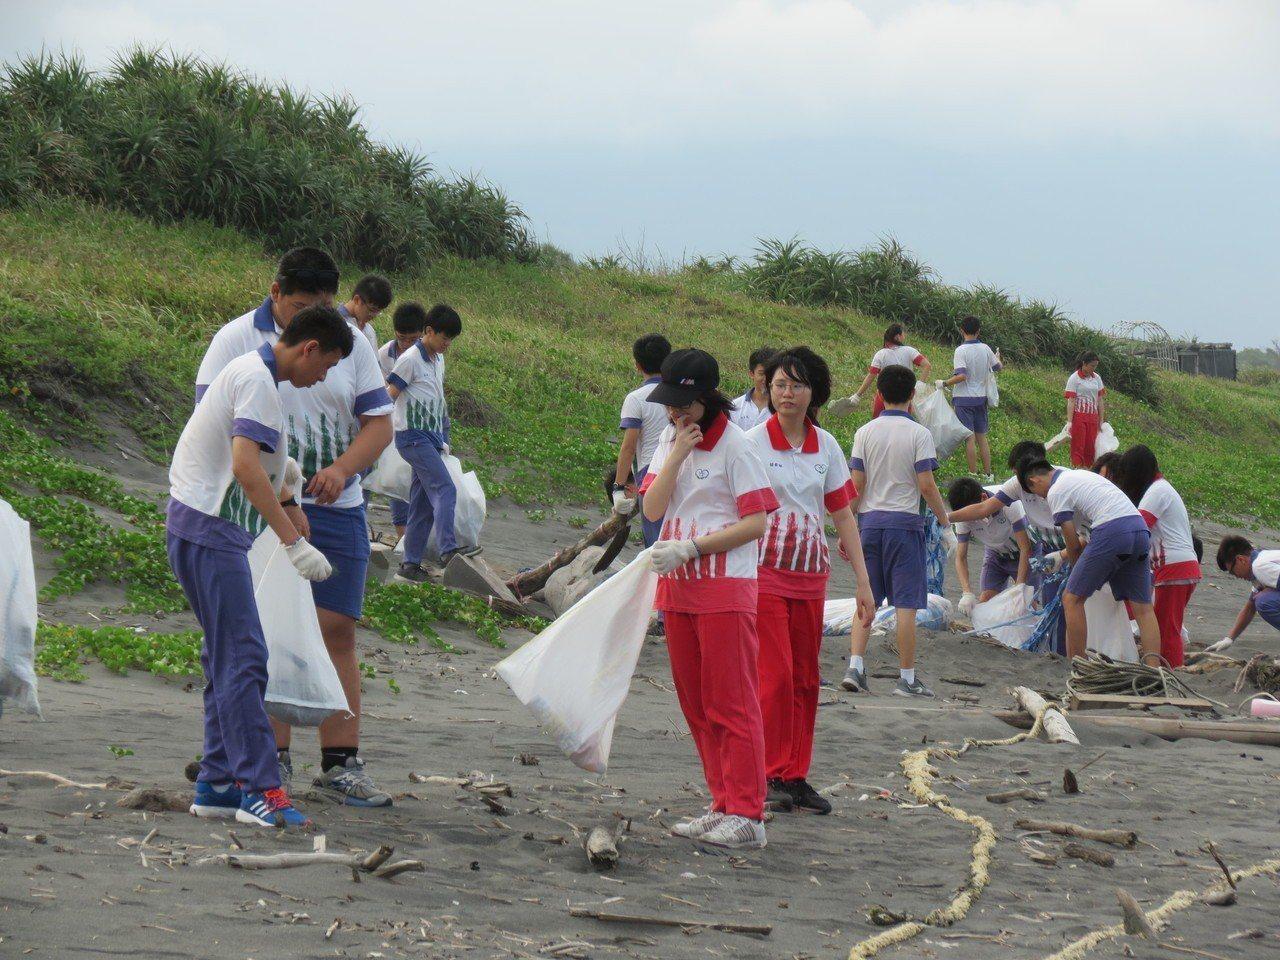 中道中學學生淨灘時也觀察海灘生態。圖/中道中學提供